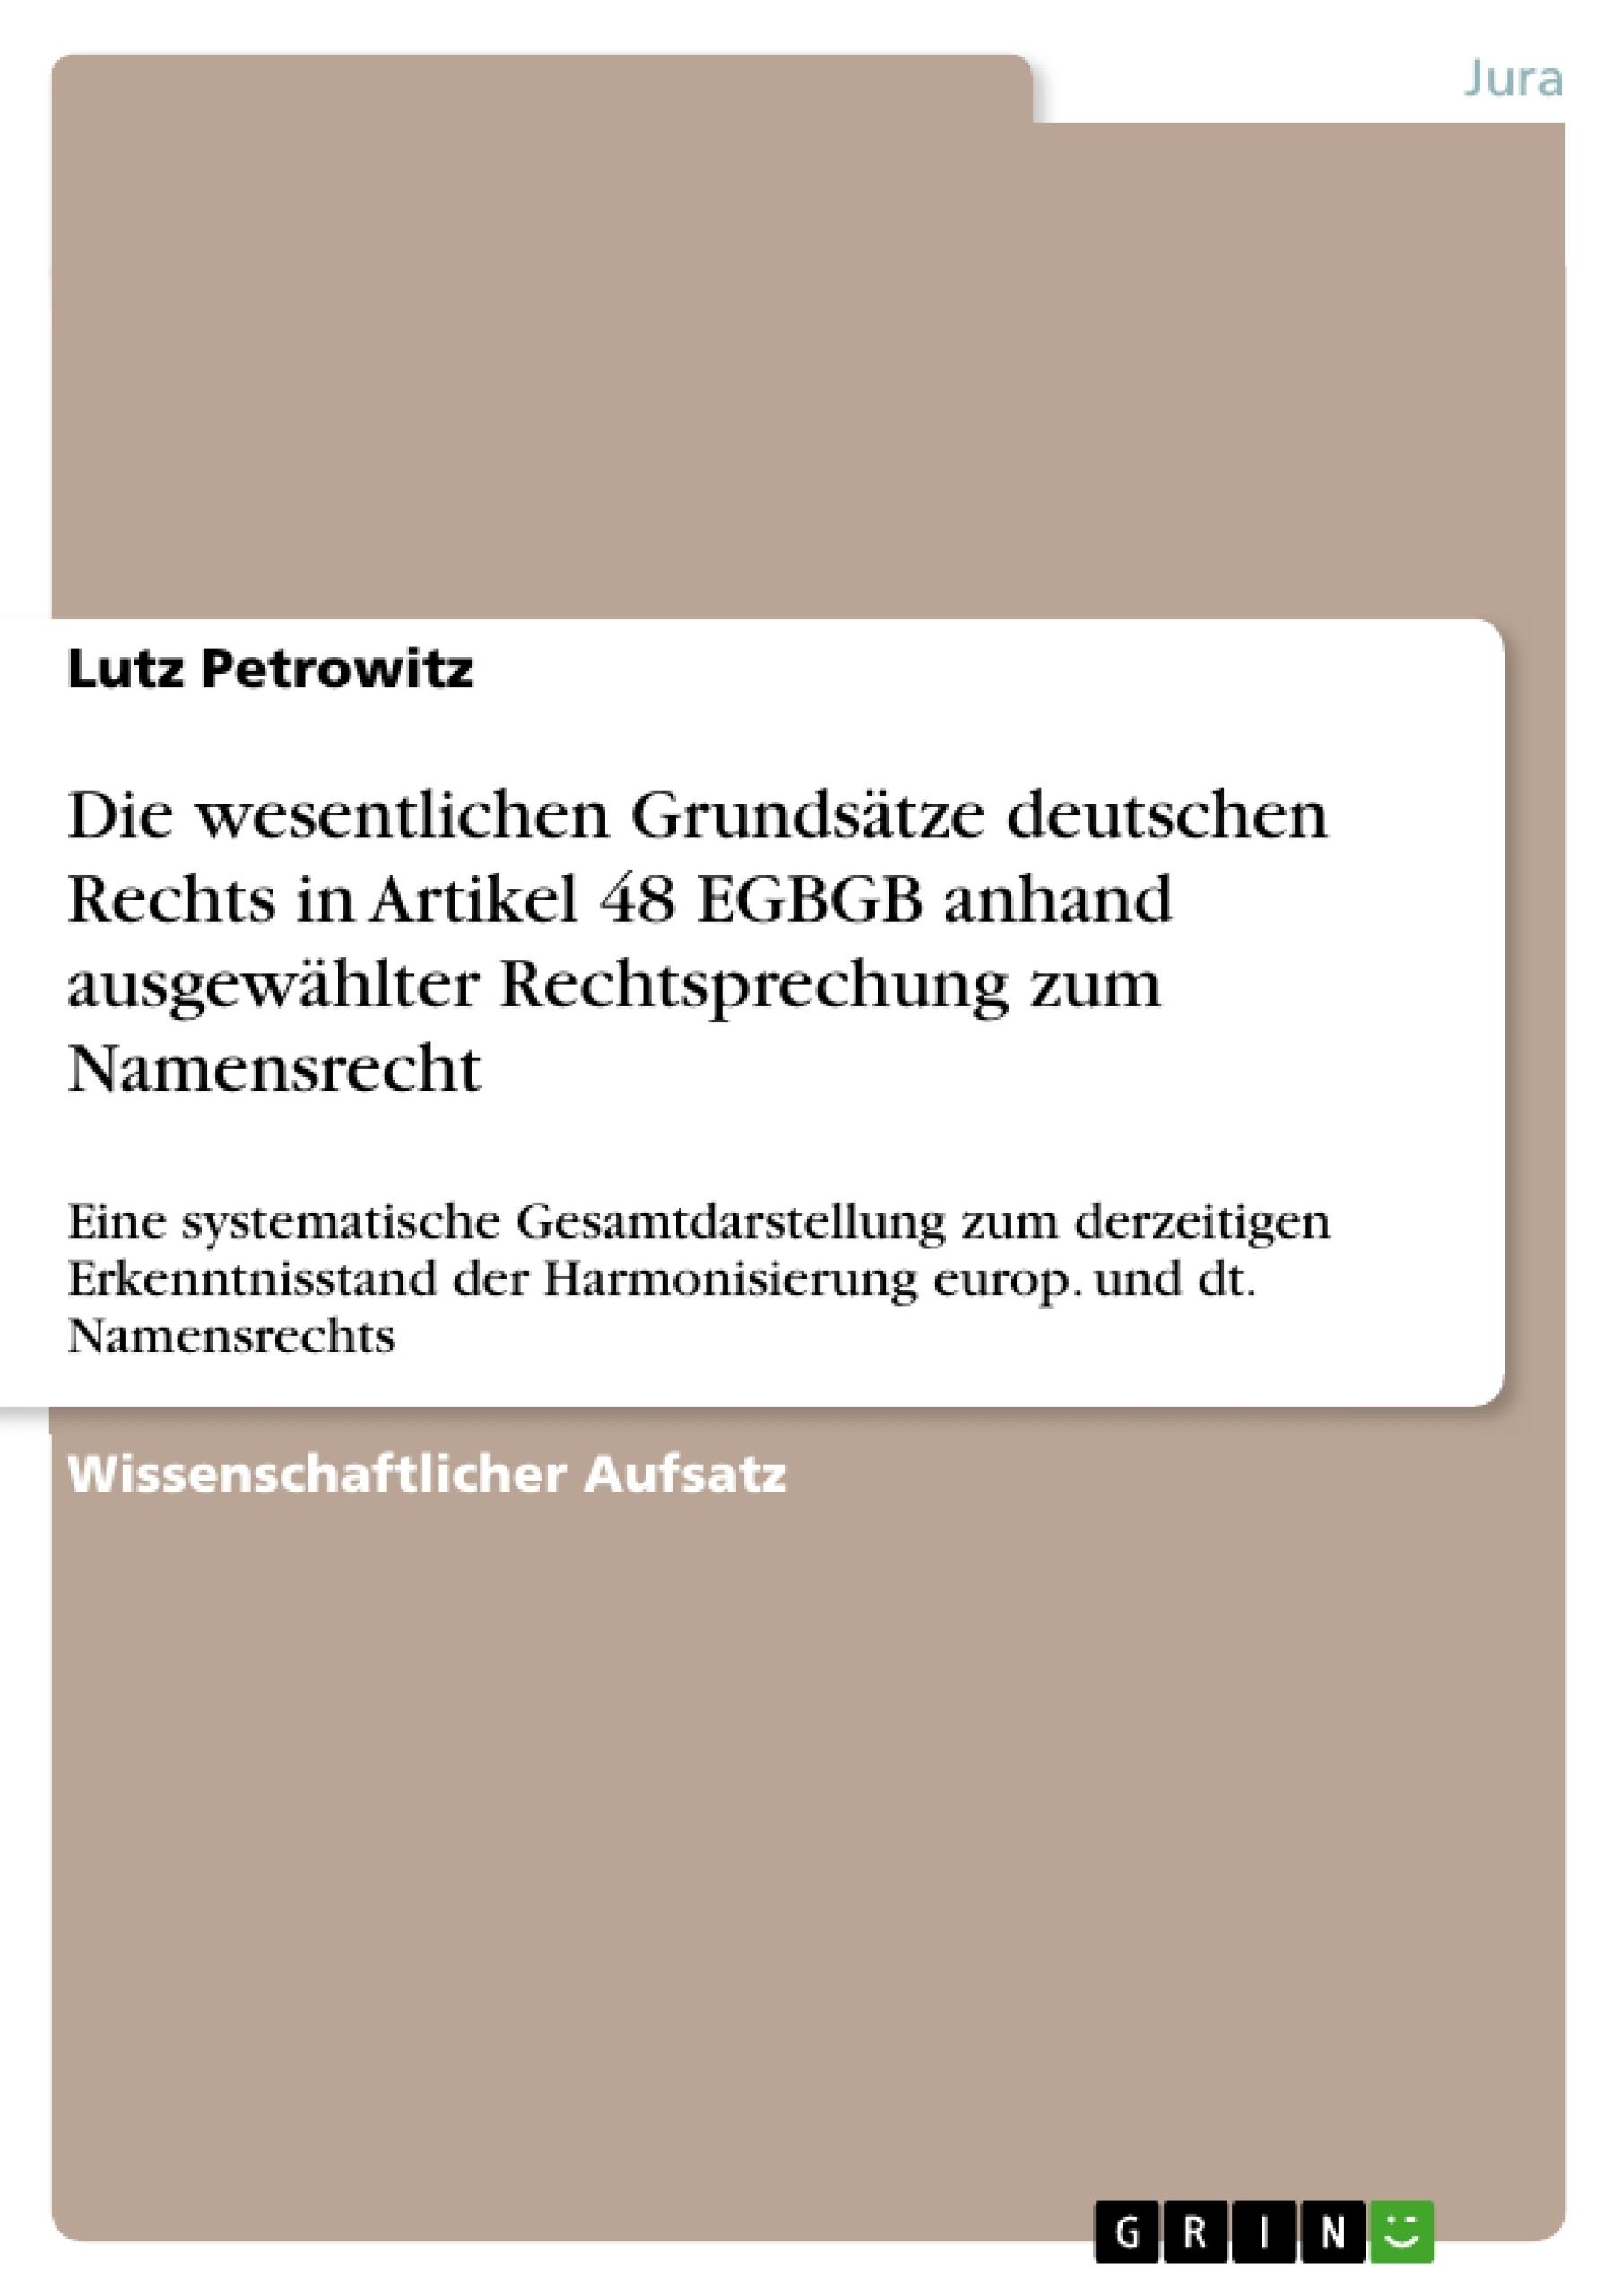 Titel: Die wesentlichen Grundsätze deutschen Rechts in Artikel 48 EGBGB anhand ausgewählter Rechtsprechung zum Namensrecht